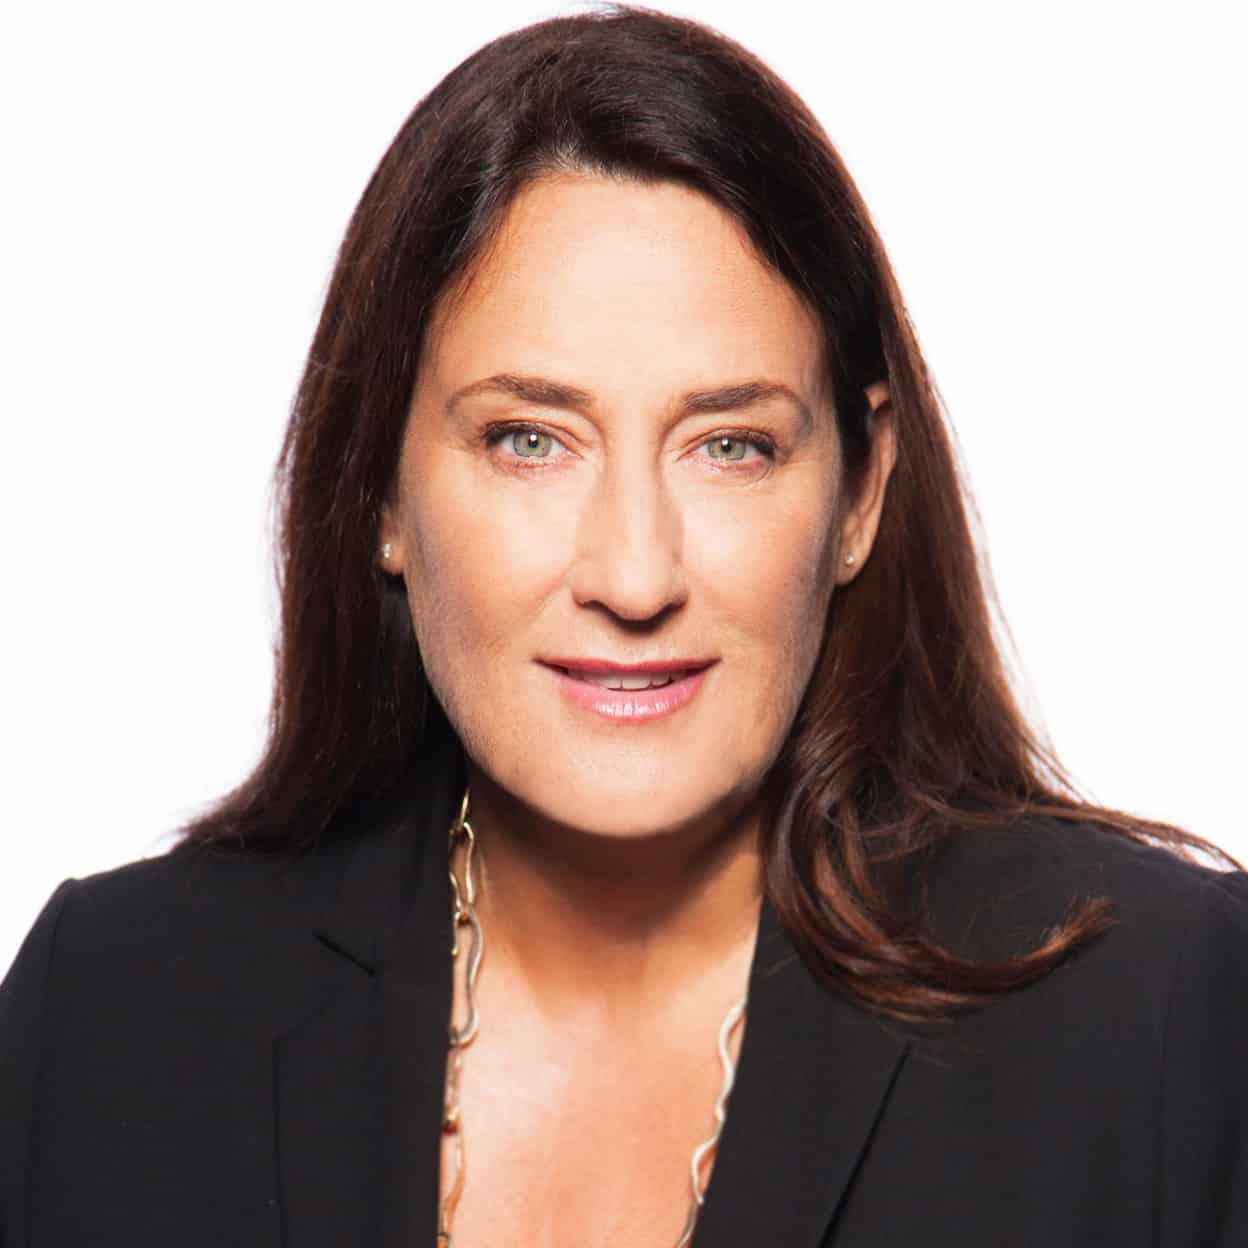 Univ.-Prof. Dr. med. Eva Meisenzahl-Lechner